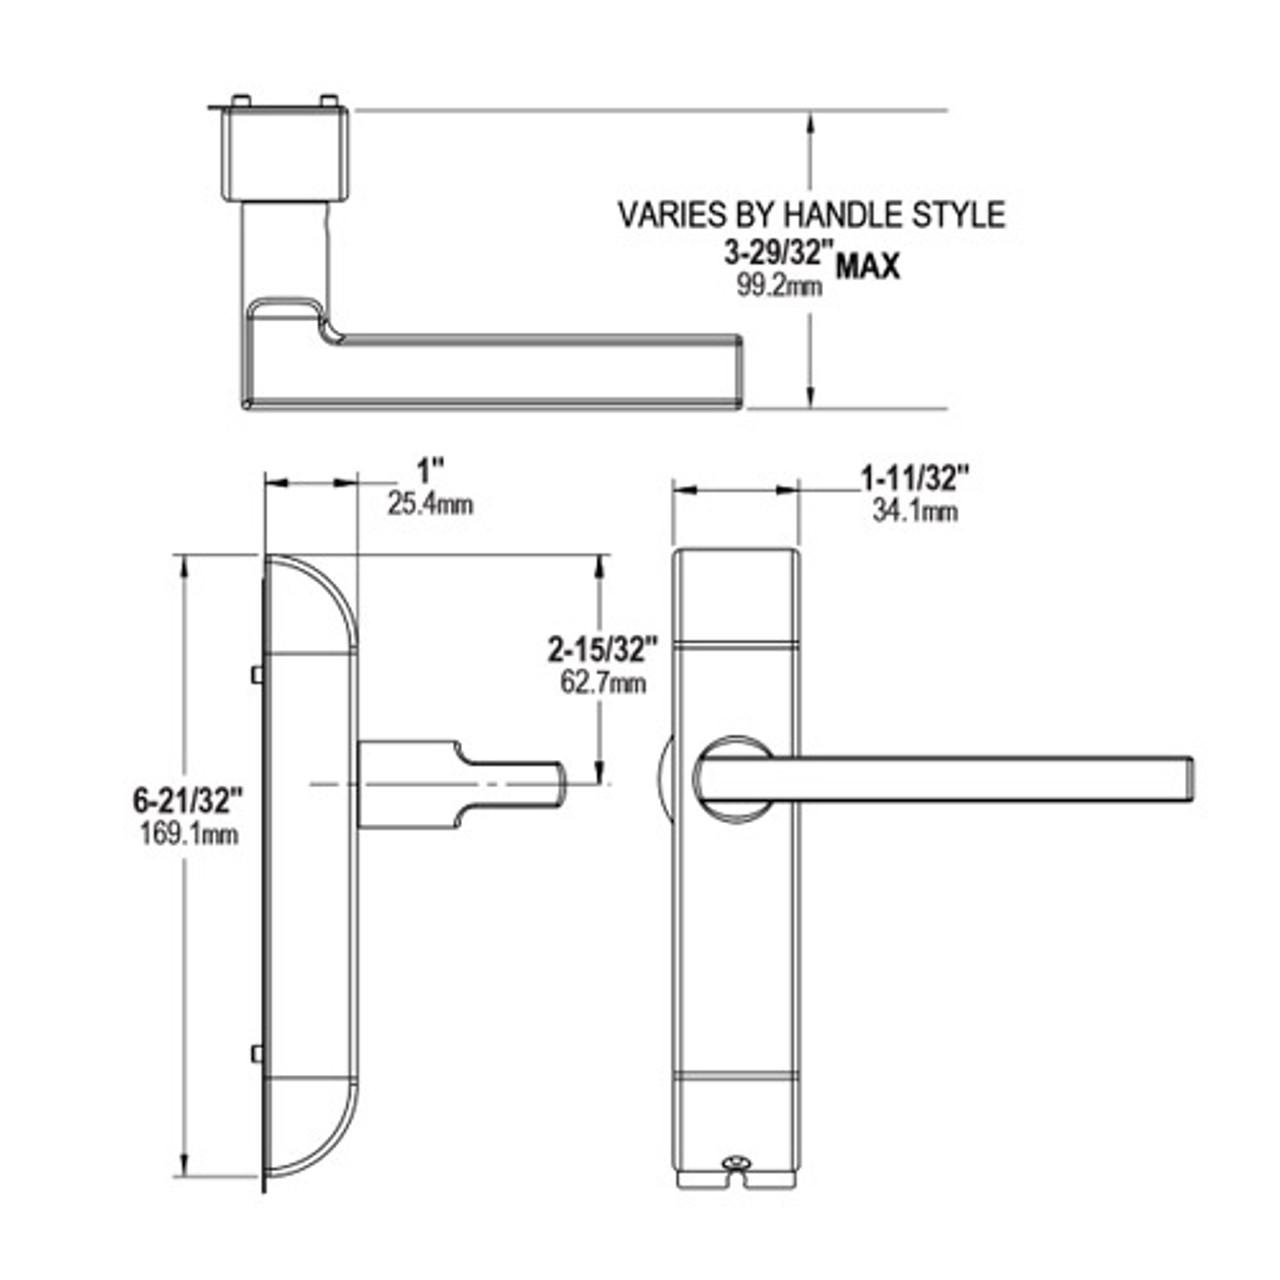 4600-MG-522-US3 Adams Rite MG Designer handle Dimensional View